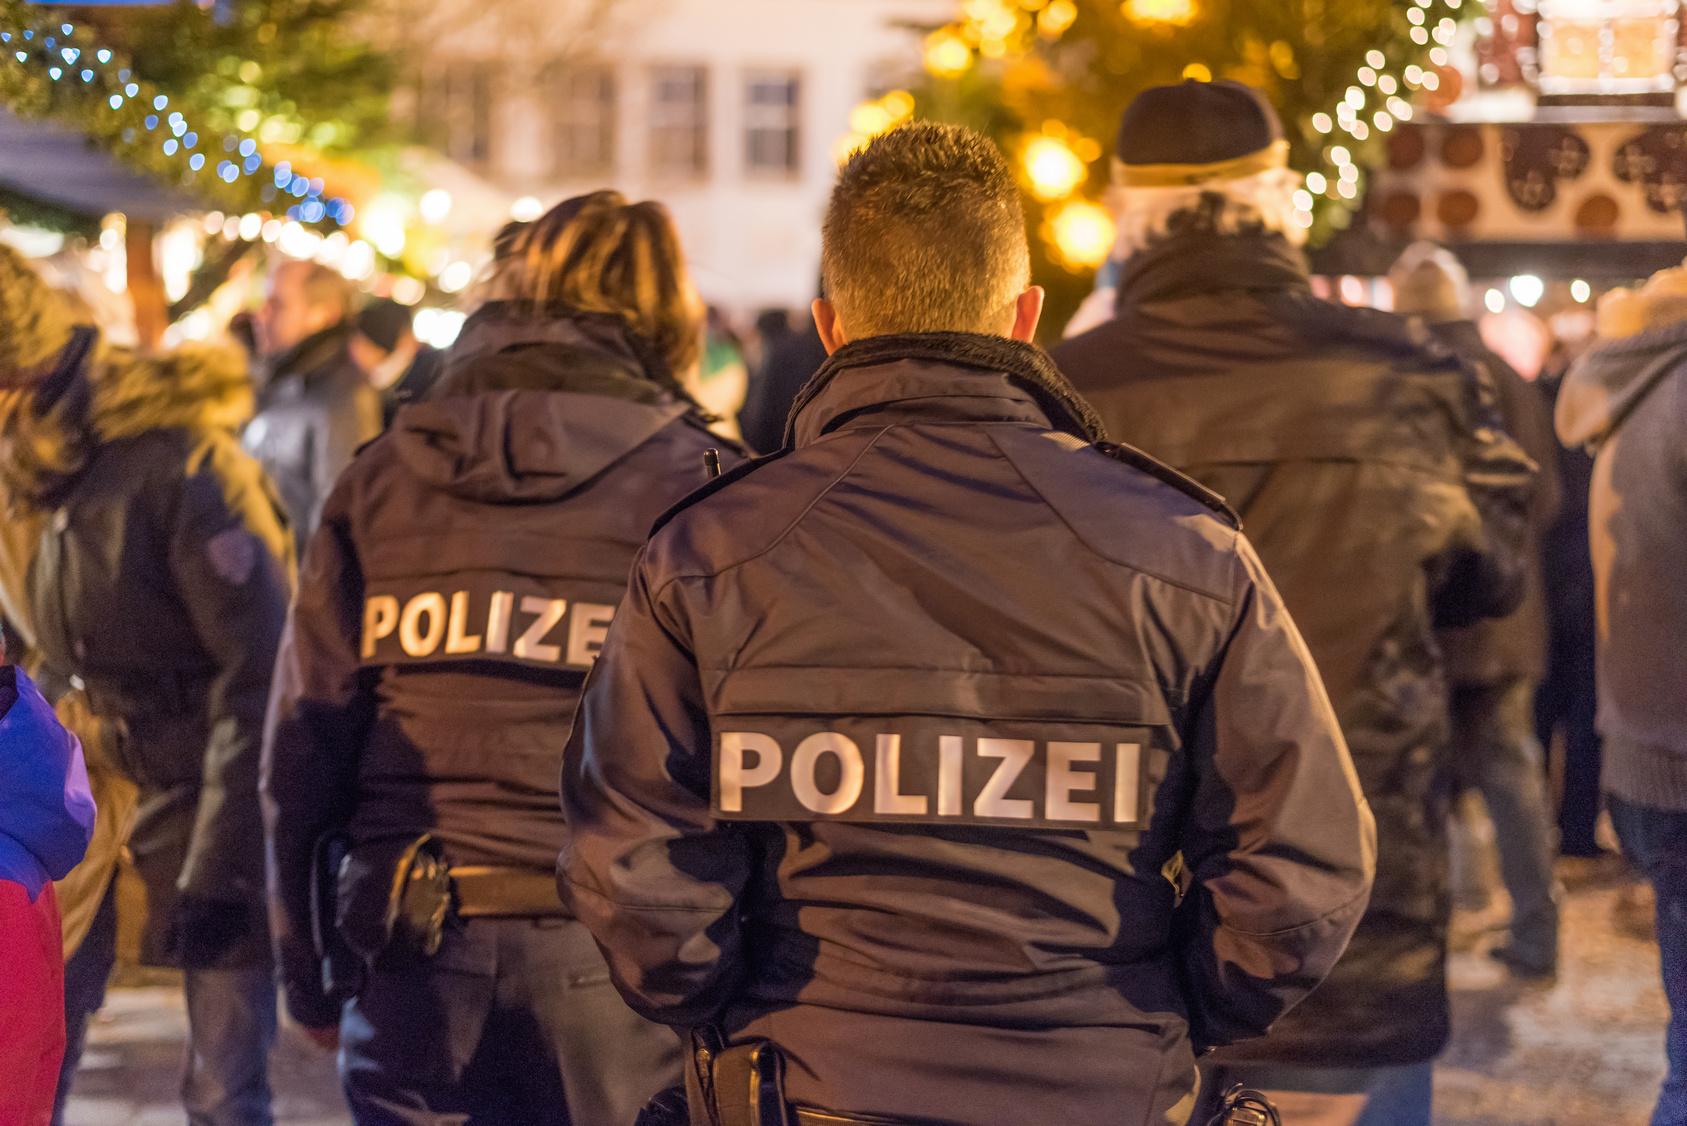 Polizei-Einsatztrainingszentrum